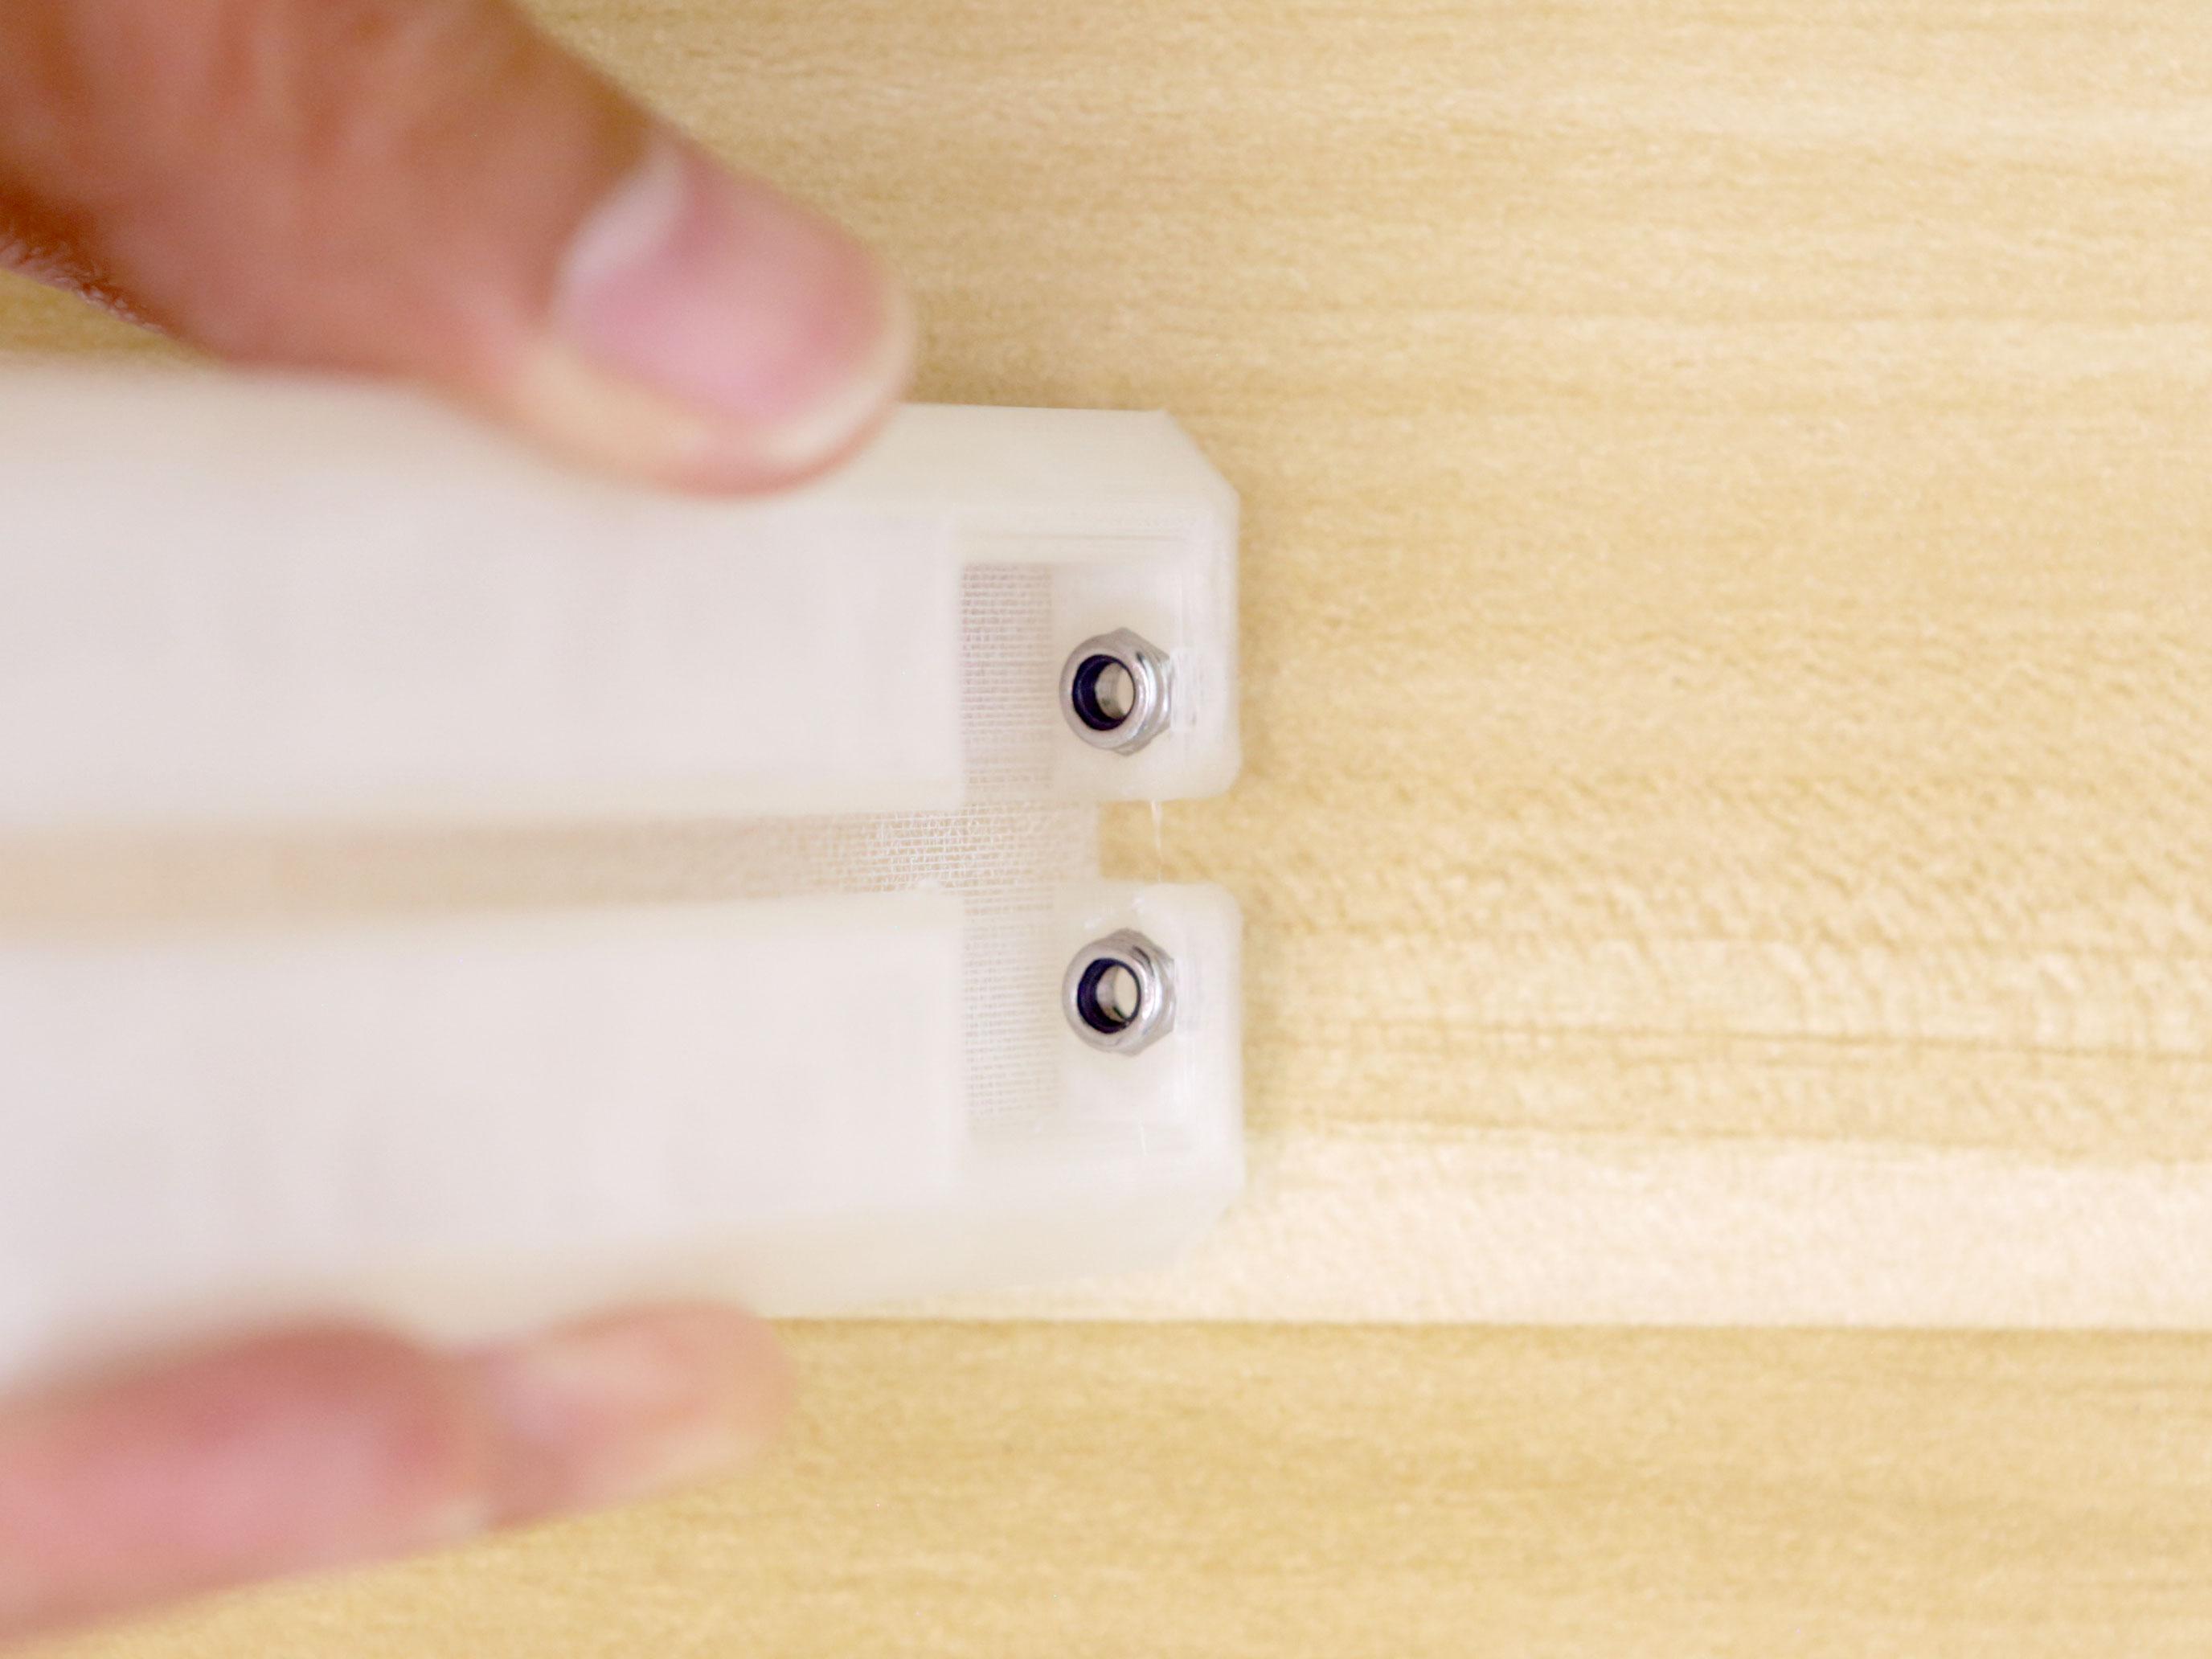 3d_printing_blade-nuts-installed.jpg